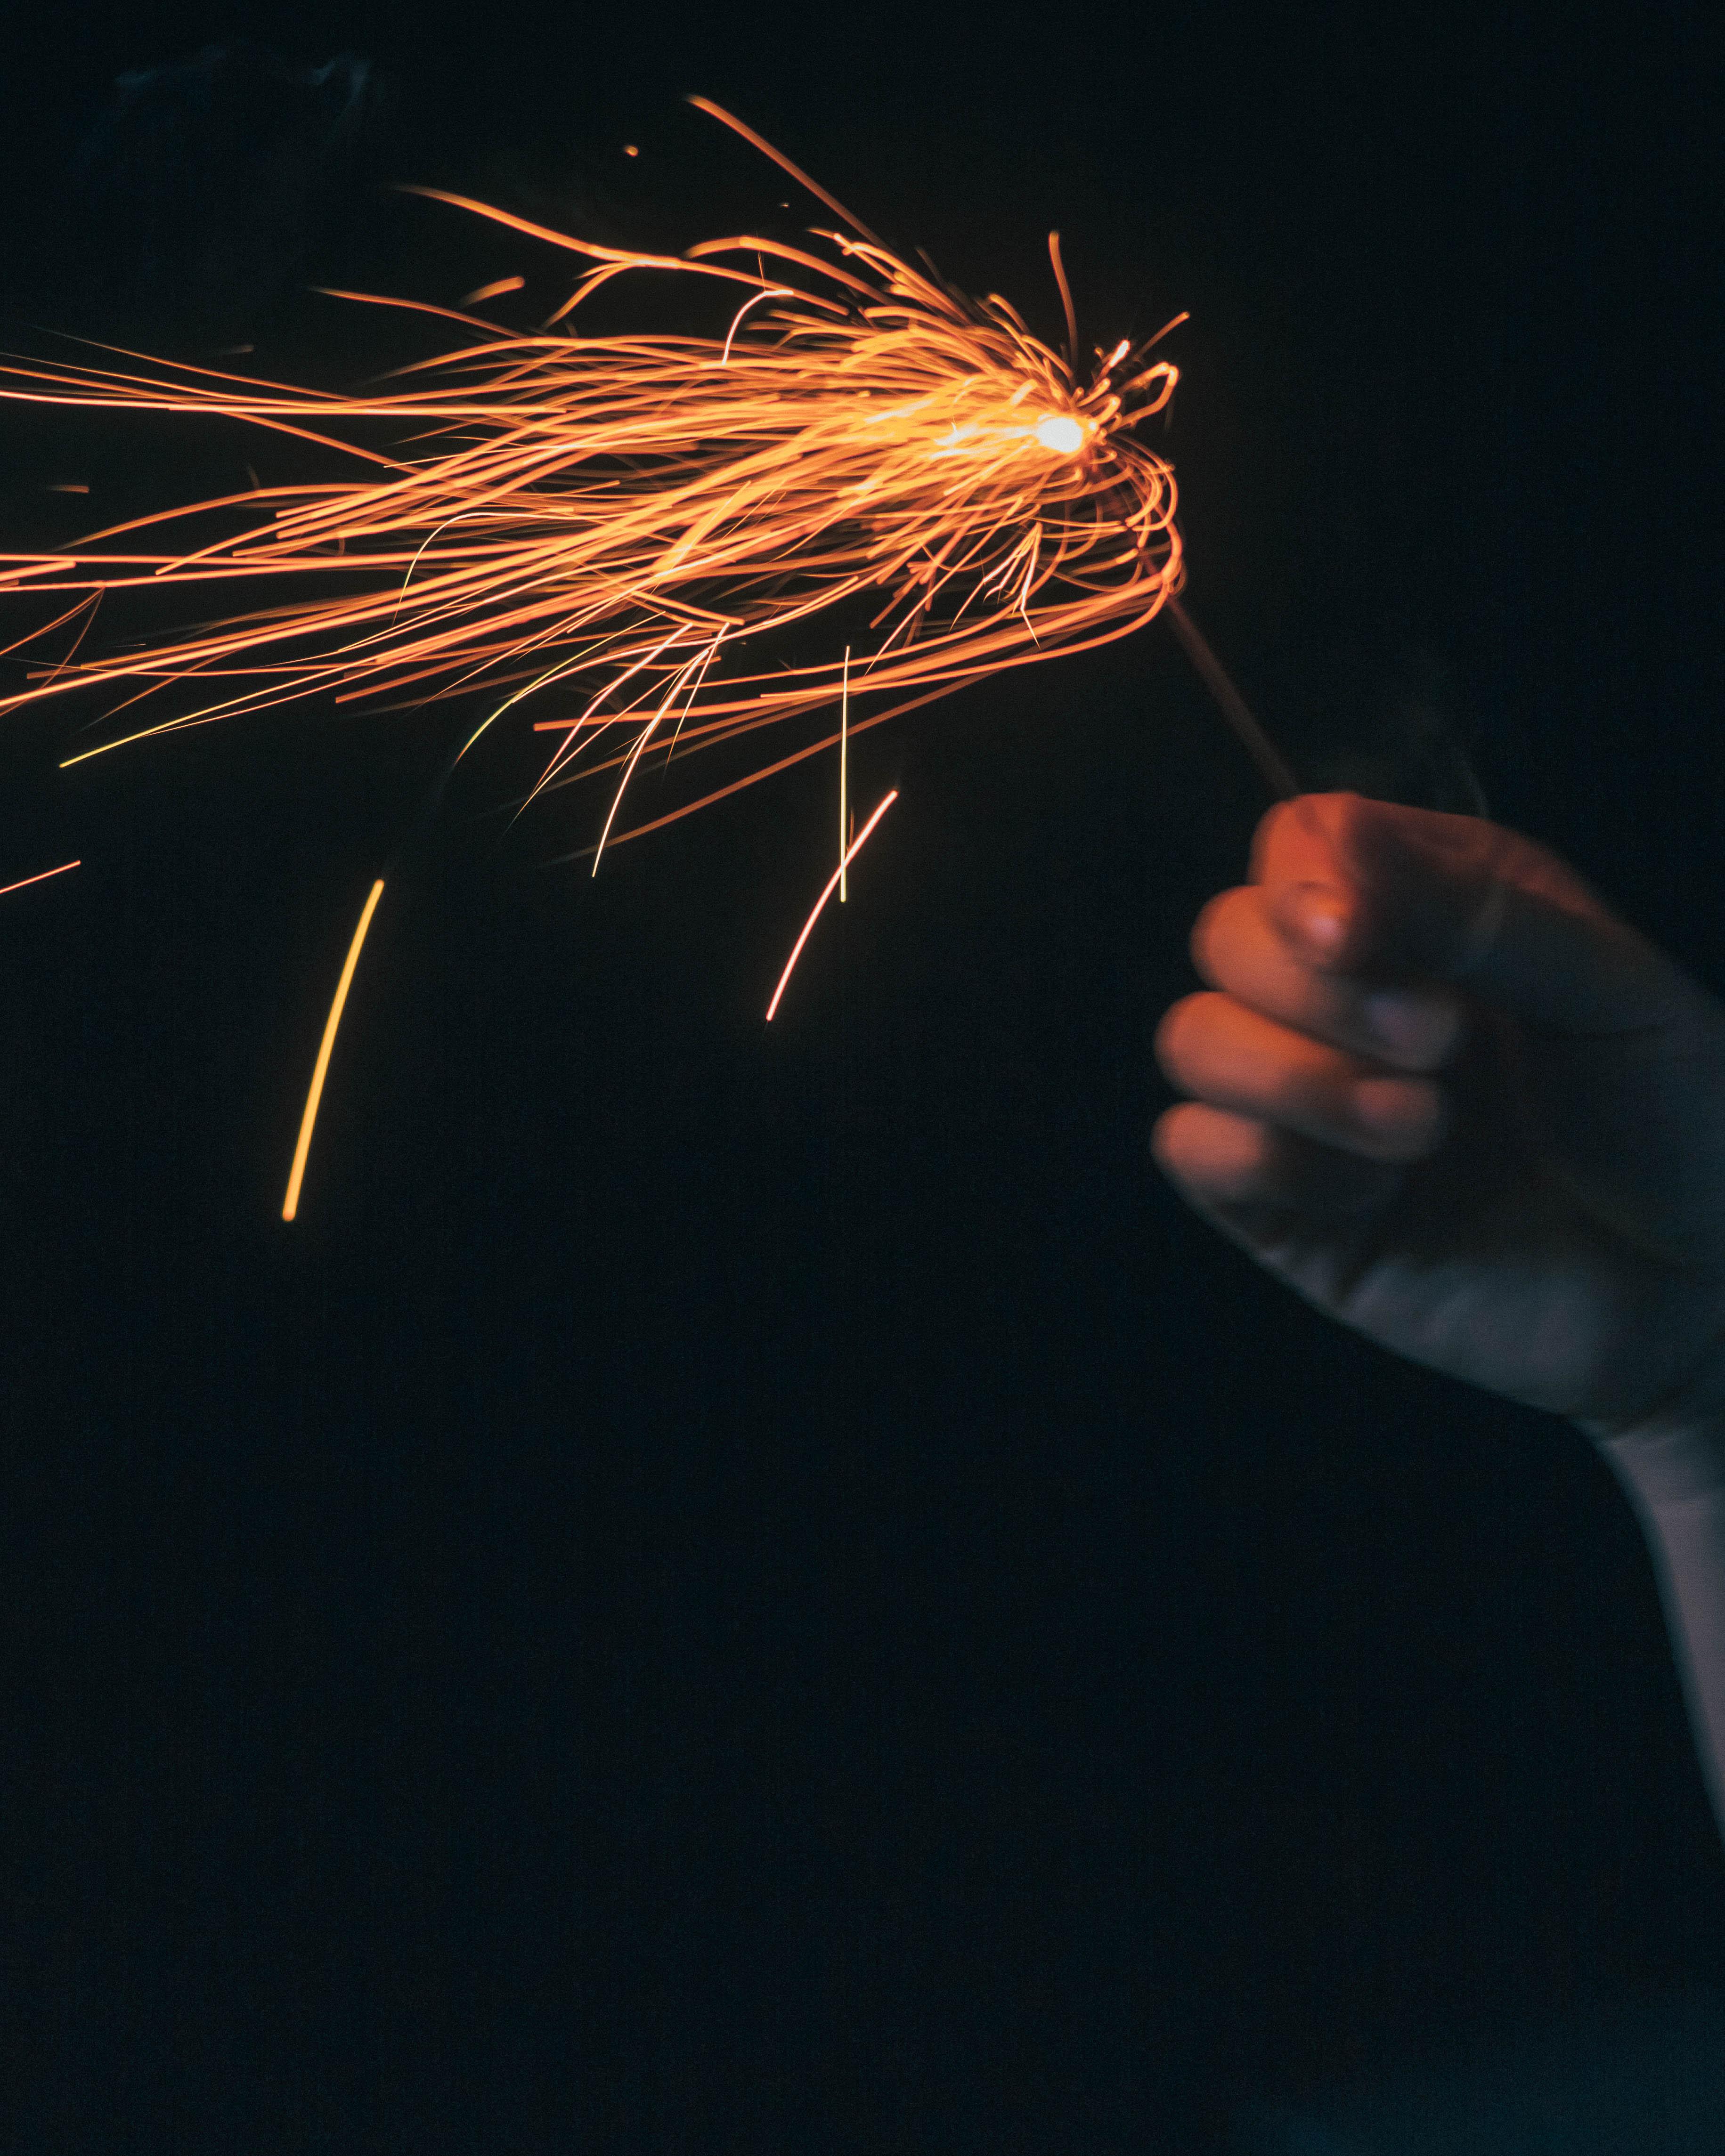 線香花火の一瞬に一生をかける<br/>魂よ、宿れ。(前編)